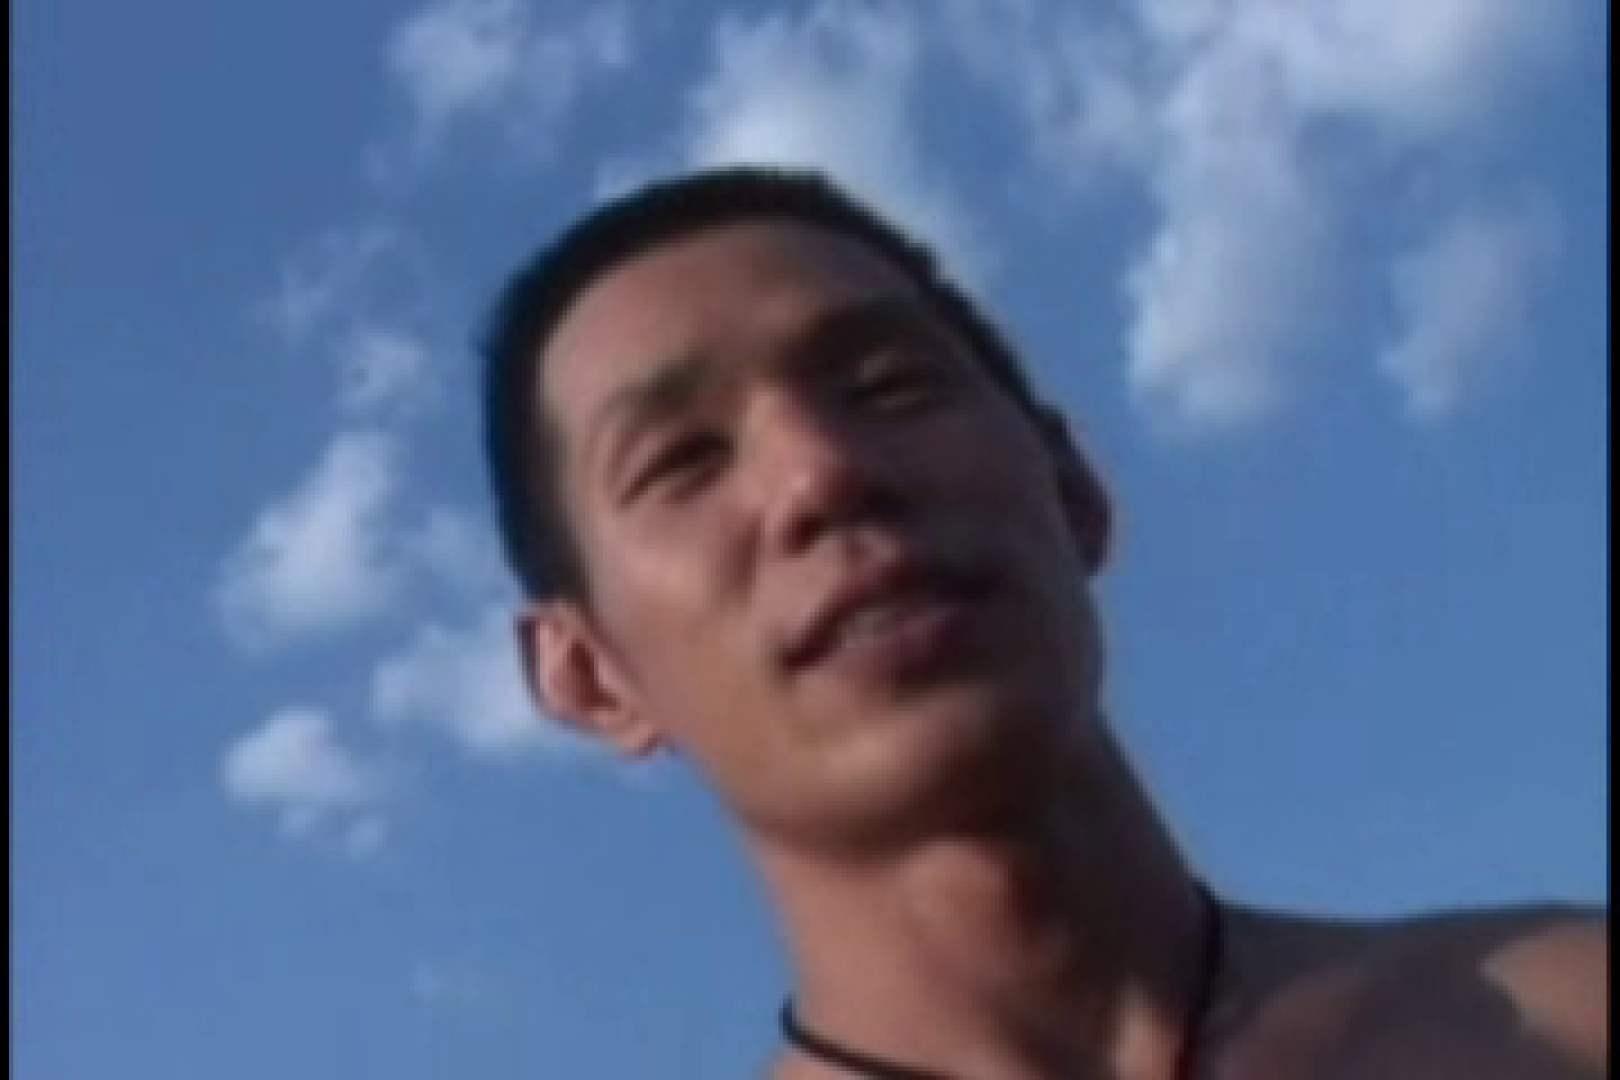 スリ筋!!スポメンのDANKON最高!!take.01 スポーツマン ゲイセックス画像 50pic 16